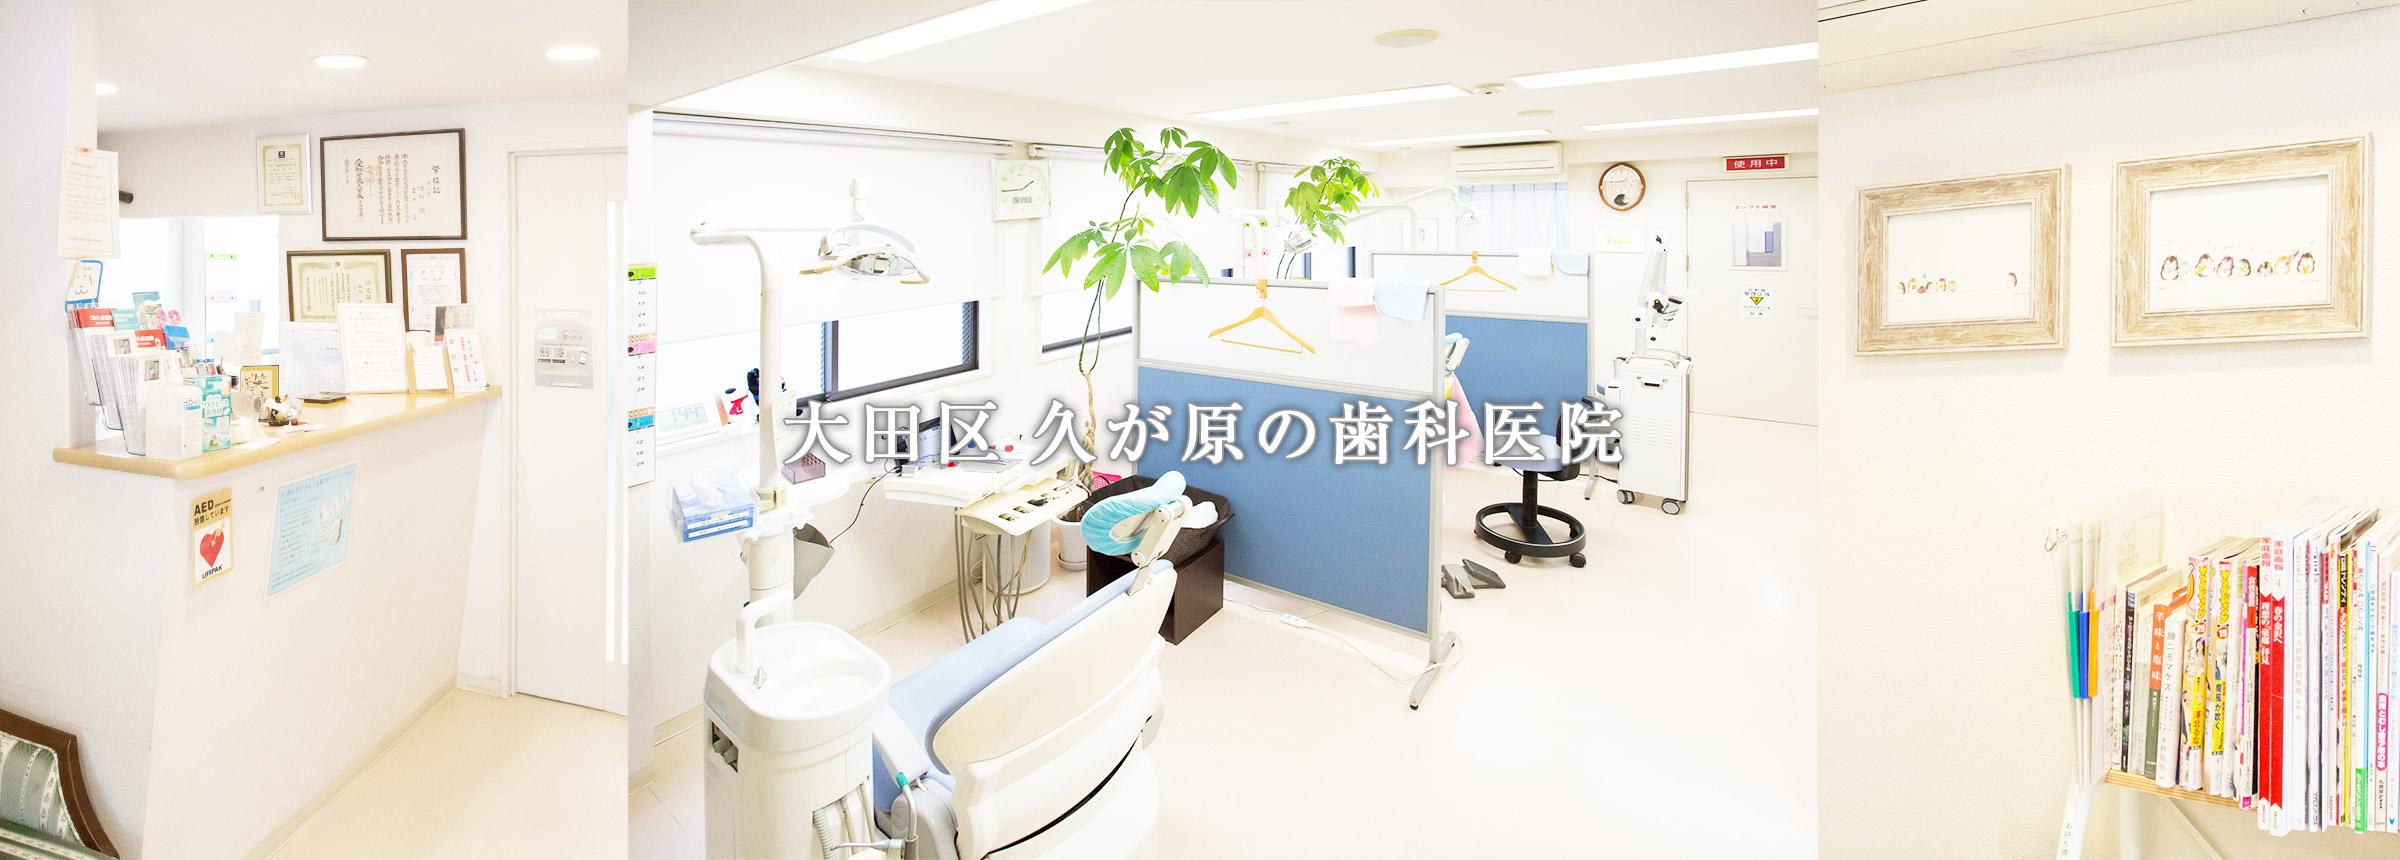 酒向歯科口腔外科クリニック(口腔外科専門医・東京都大田区)